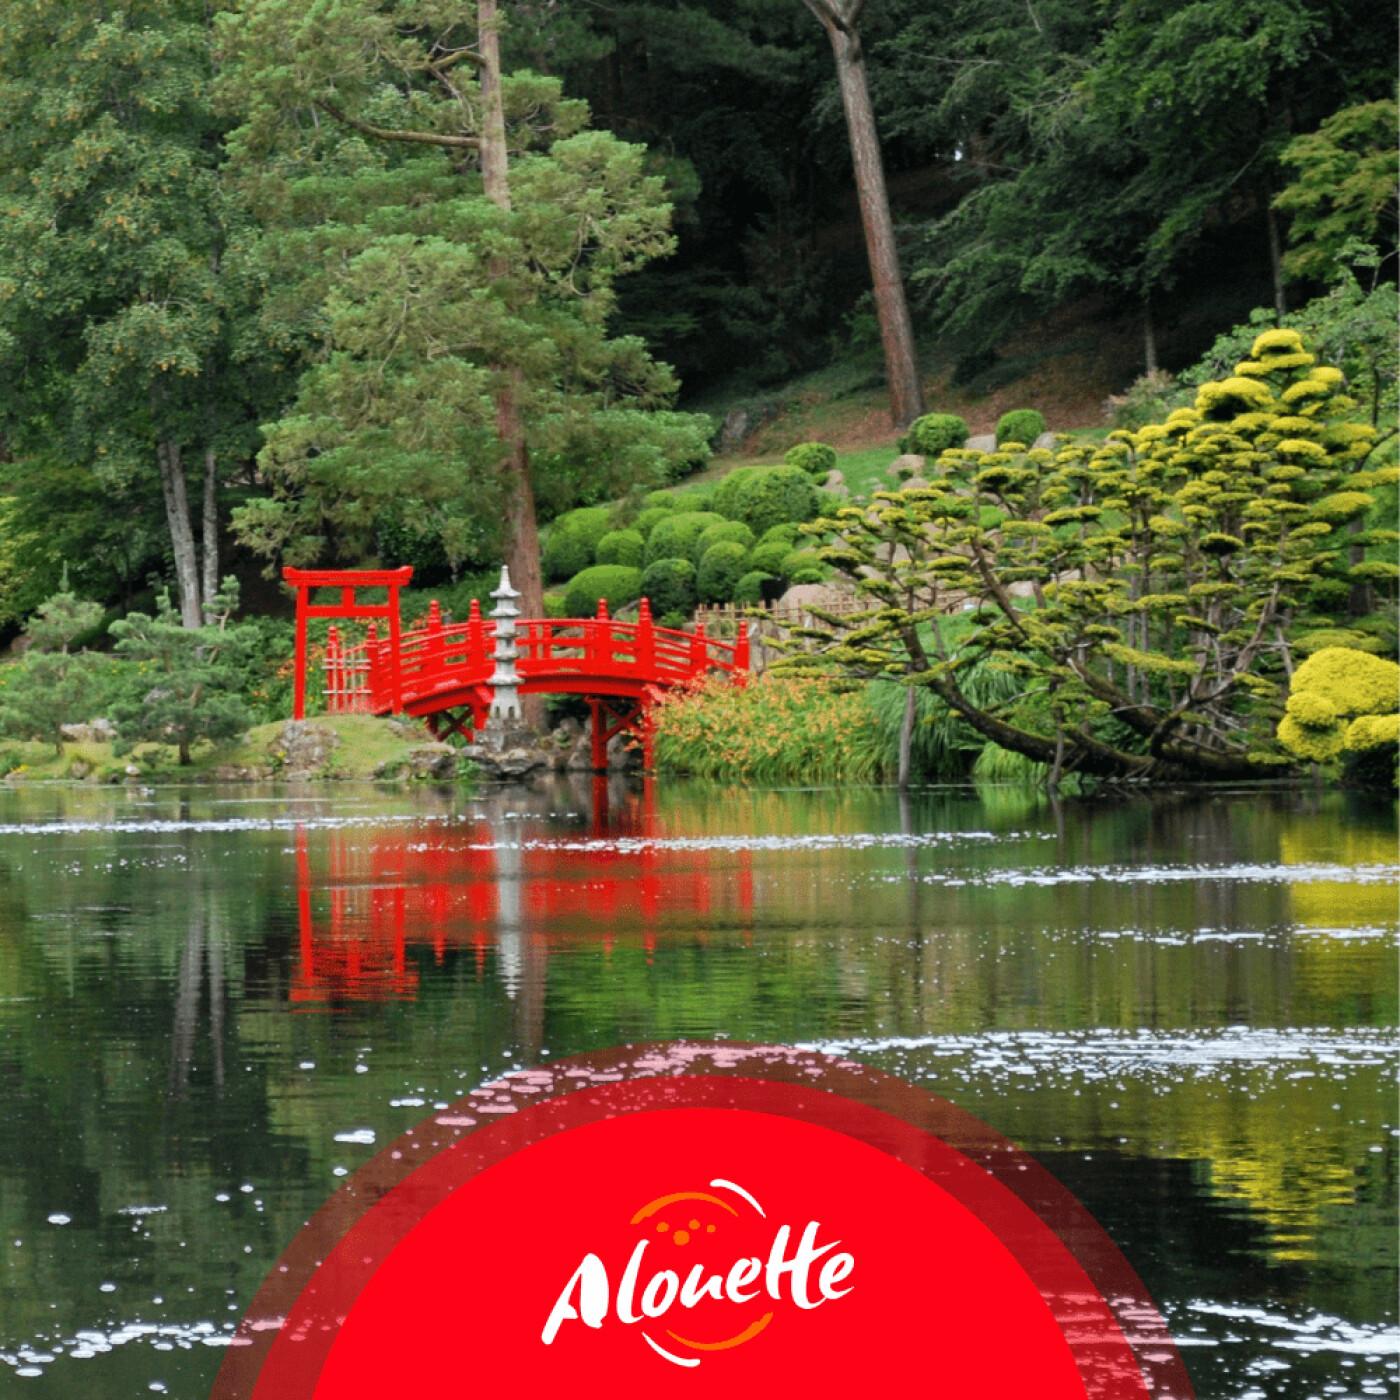 Le Parc oriental de Maulévrier, plus grand jardin japonais d'Europe